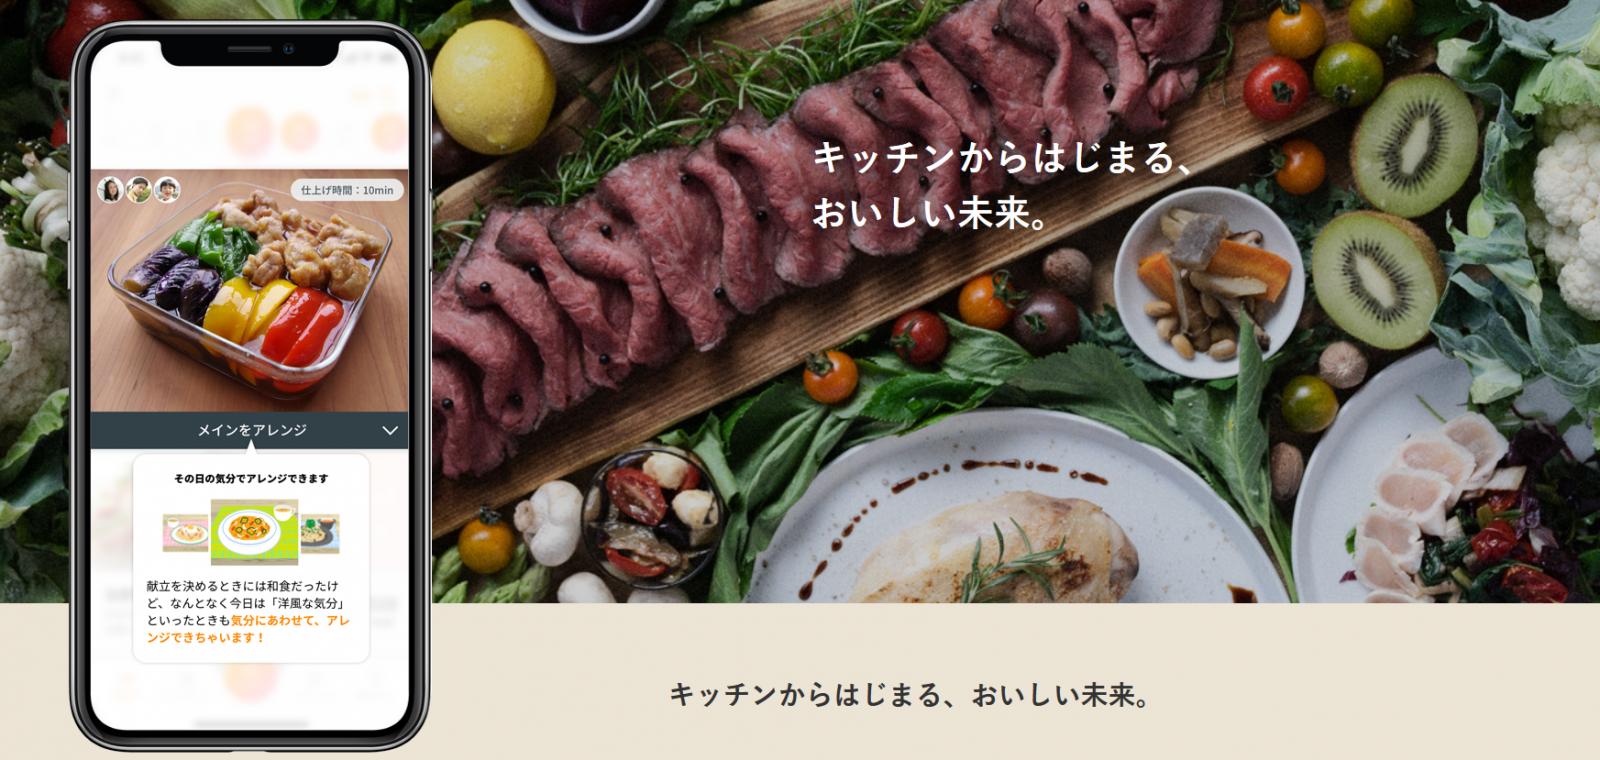 献立作りの悩みを解決!ニチレイ「conomeal kitchen(このみるきっちん)」試用版スタート